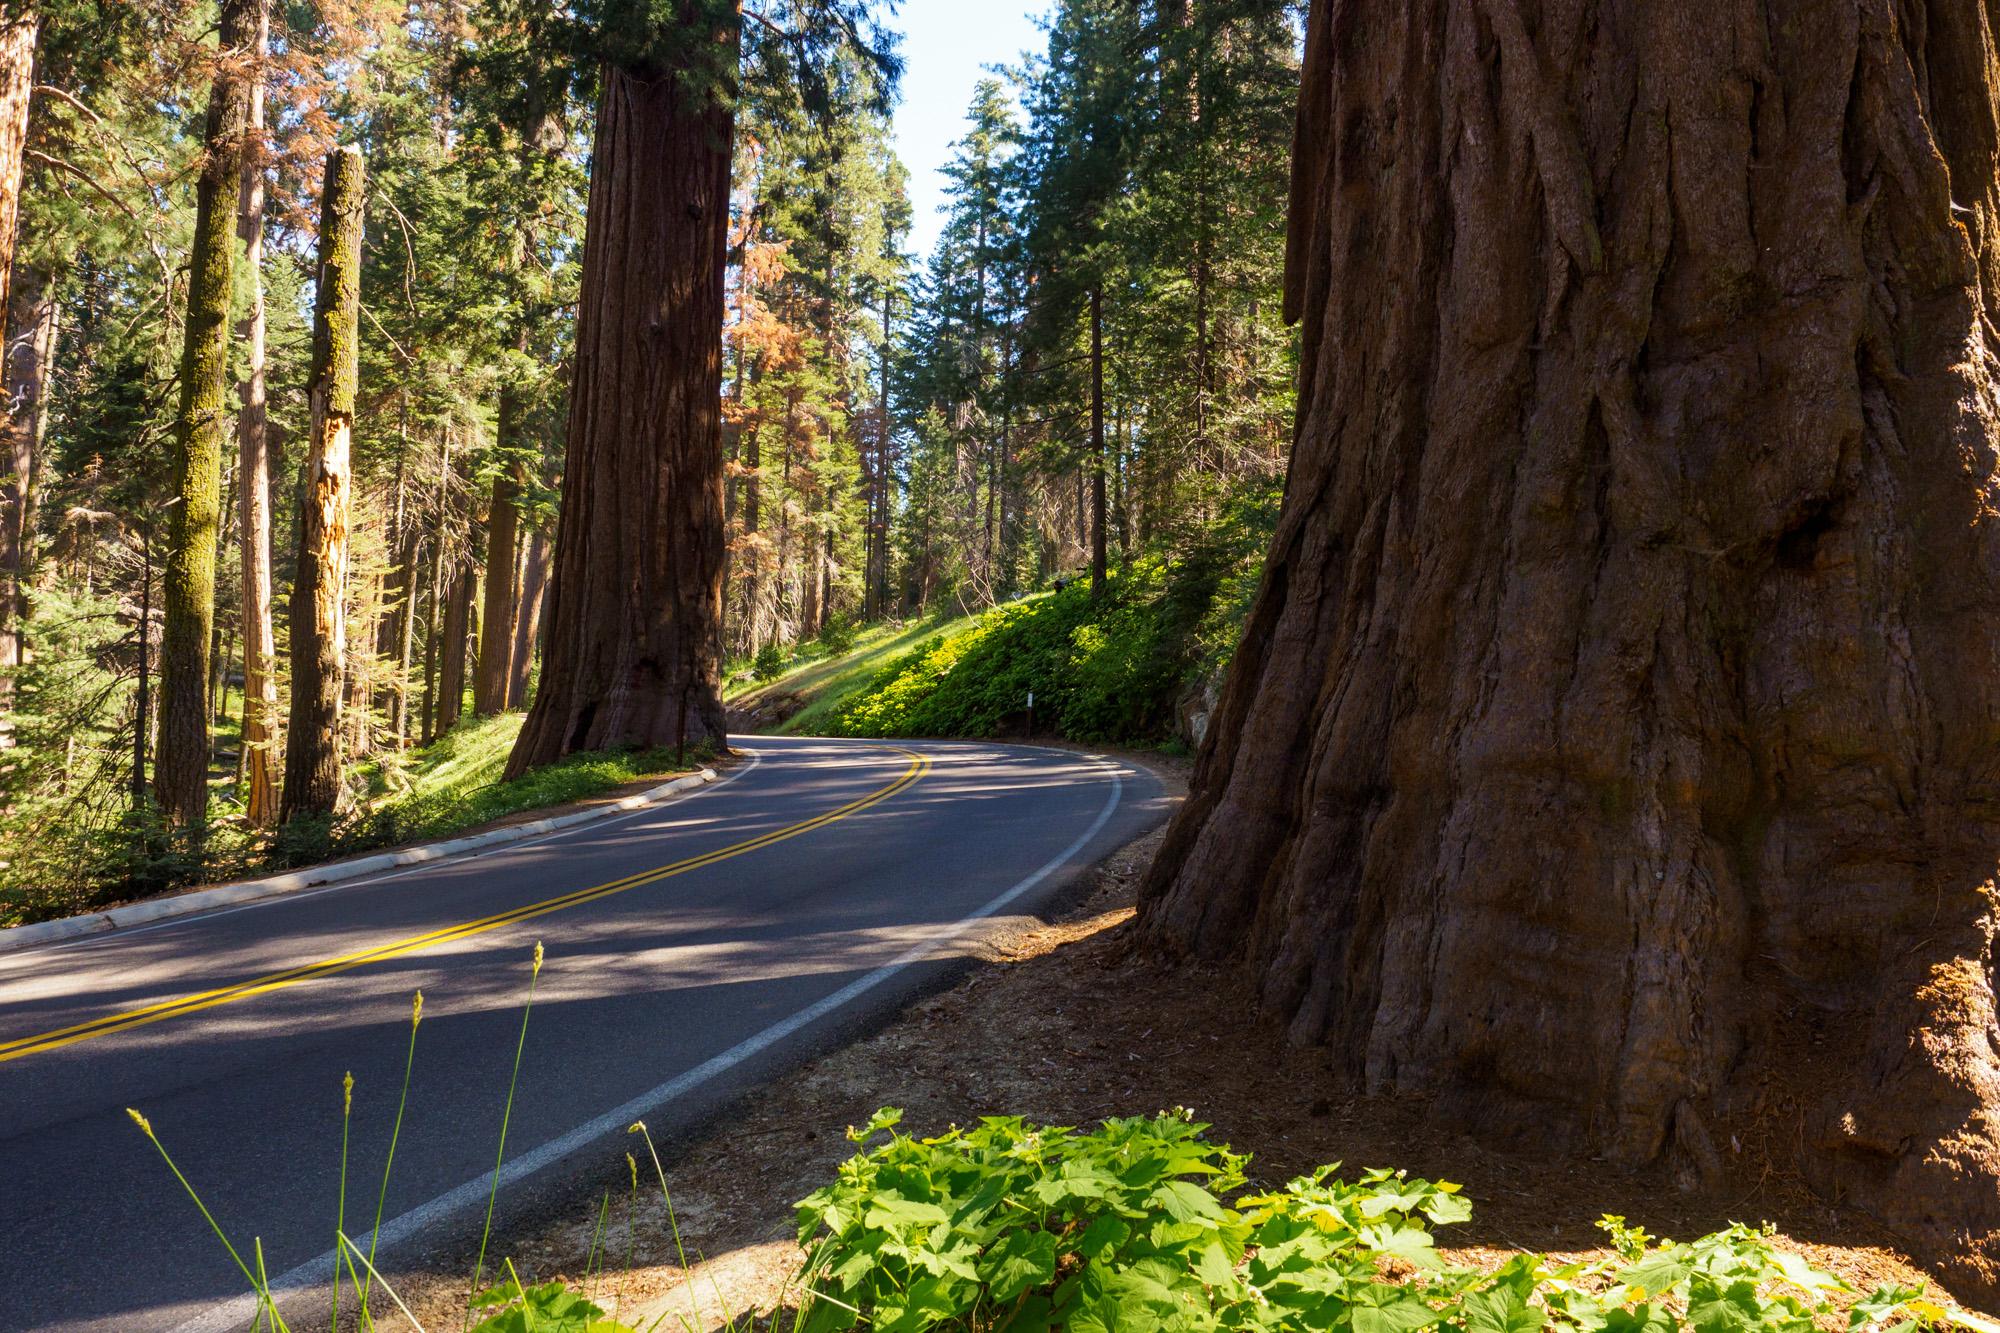 Sequoia Nationalpark - Strasse im Sequoia Nationalpark